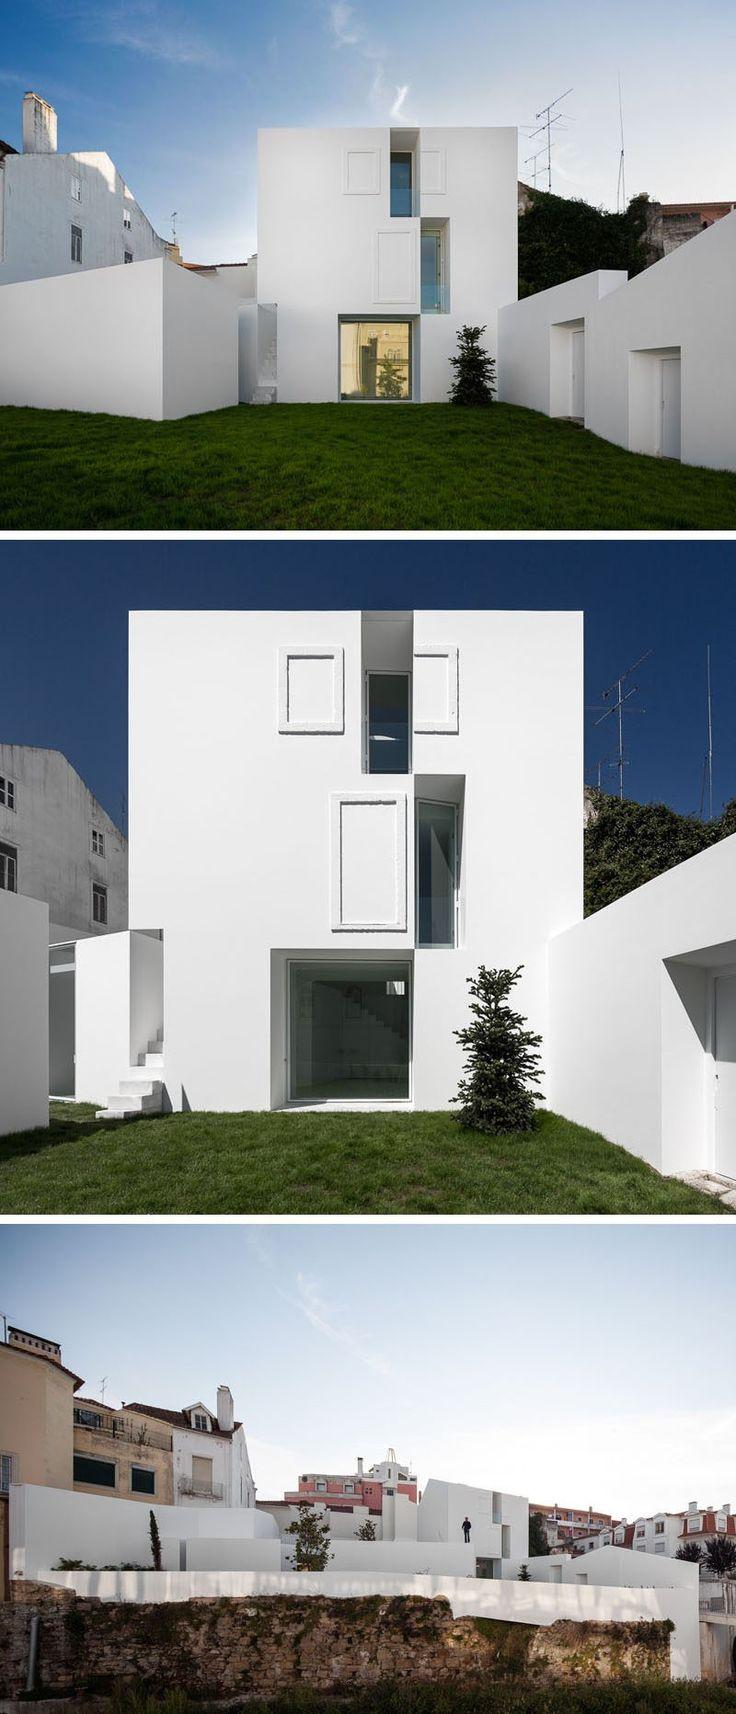 Haus außen farben 11 modernen weißen häuser aus der ganzen welt die leuchtend weißen